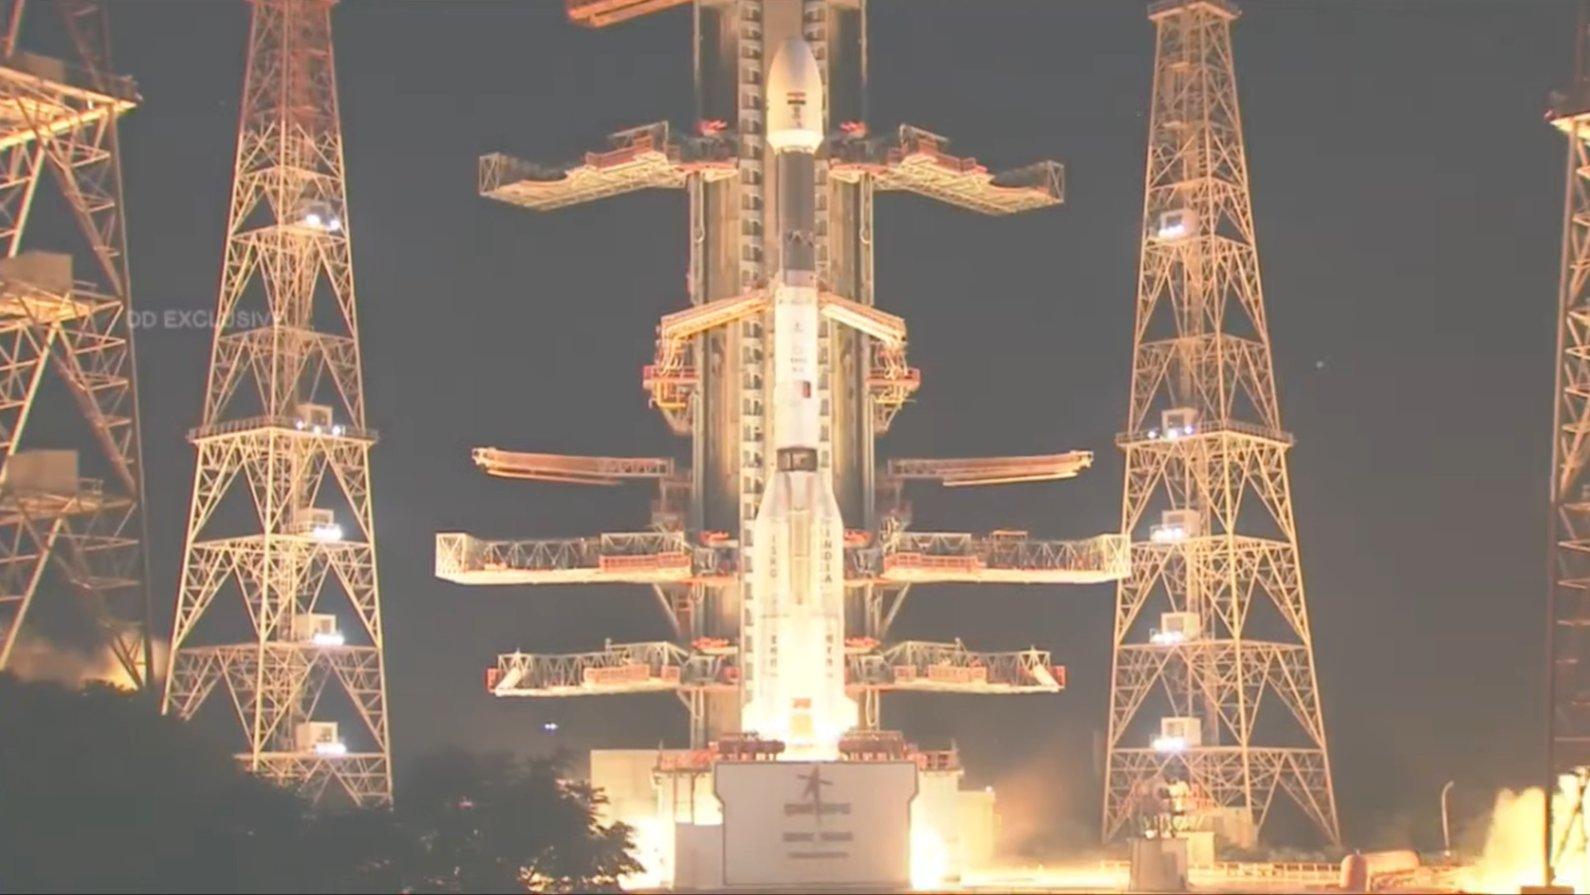 स्वतंत्रता दिवस से ठीक पहले नाकाम रहा इसरो का EOS-03 उपग्रह का प्रक्षेपण, होना था सेना-कृषि में मदद के लिए इस्तेमाल